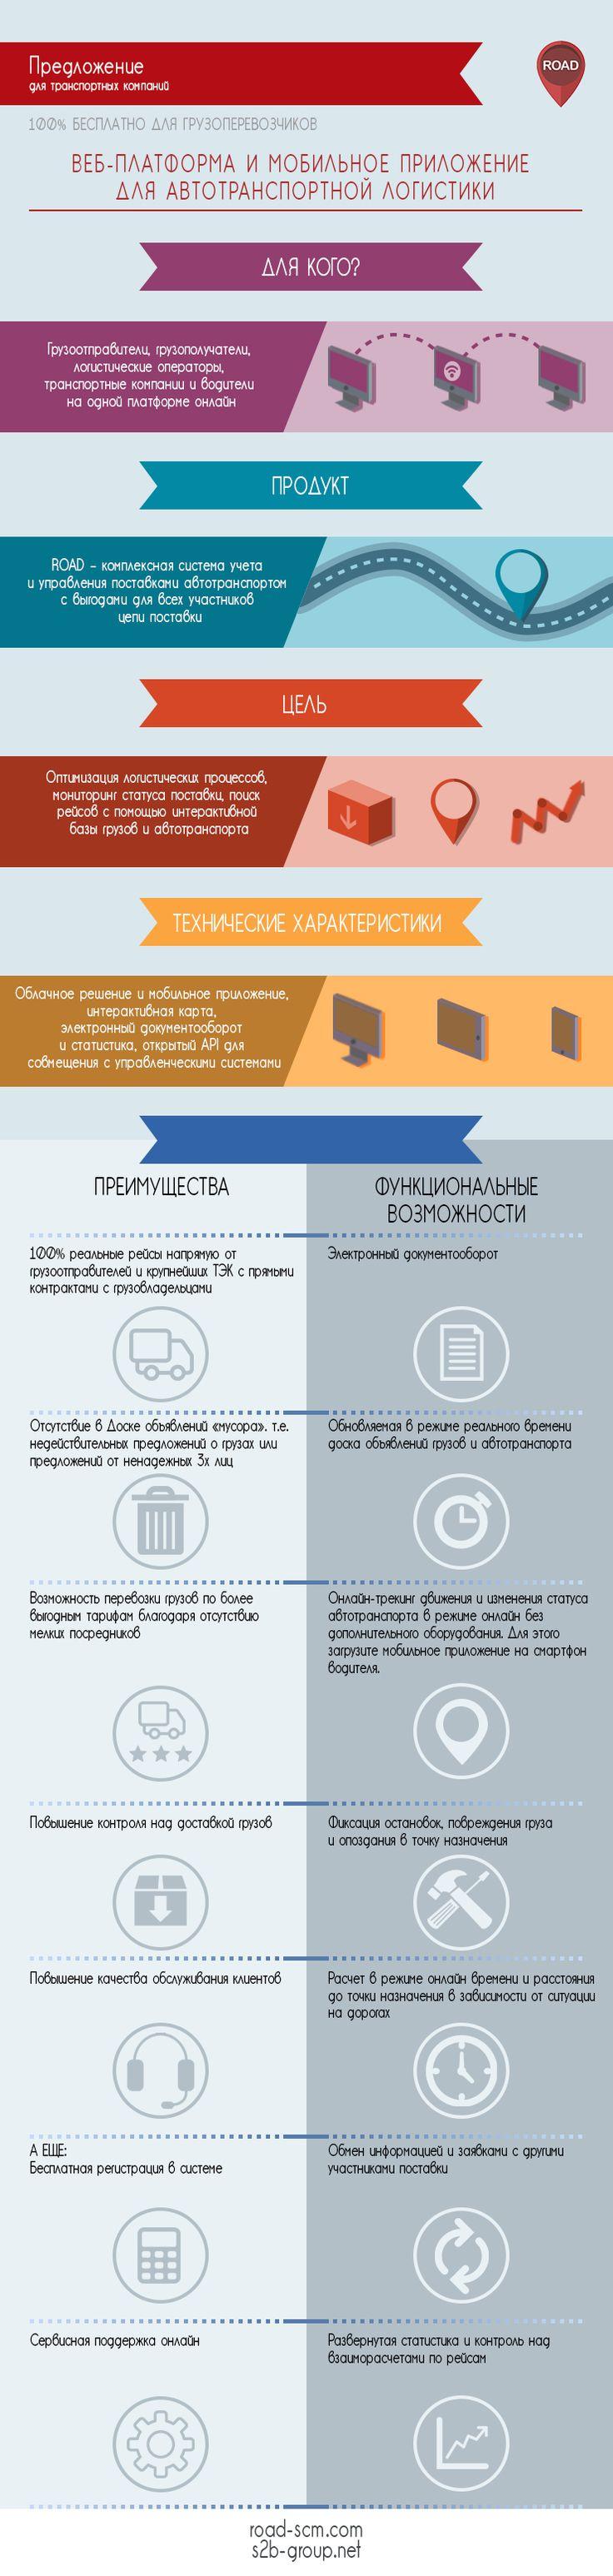 ROAD: Веб-платформа и мобильное предложение для автотранспортной логистики.  Предложение для ТРАНСПОРТНЫХ КОМПАНИЙ #логистика #logistics #s2bgroup #scm #грузоперевозки